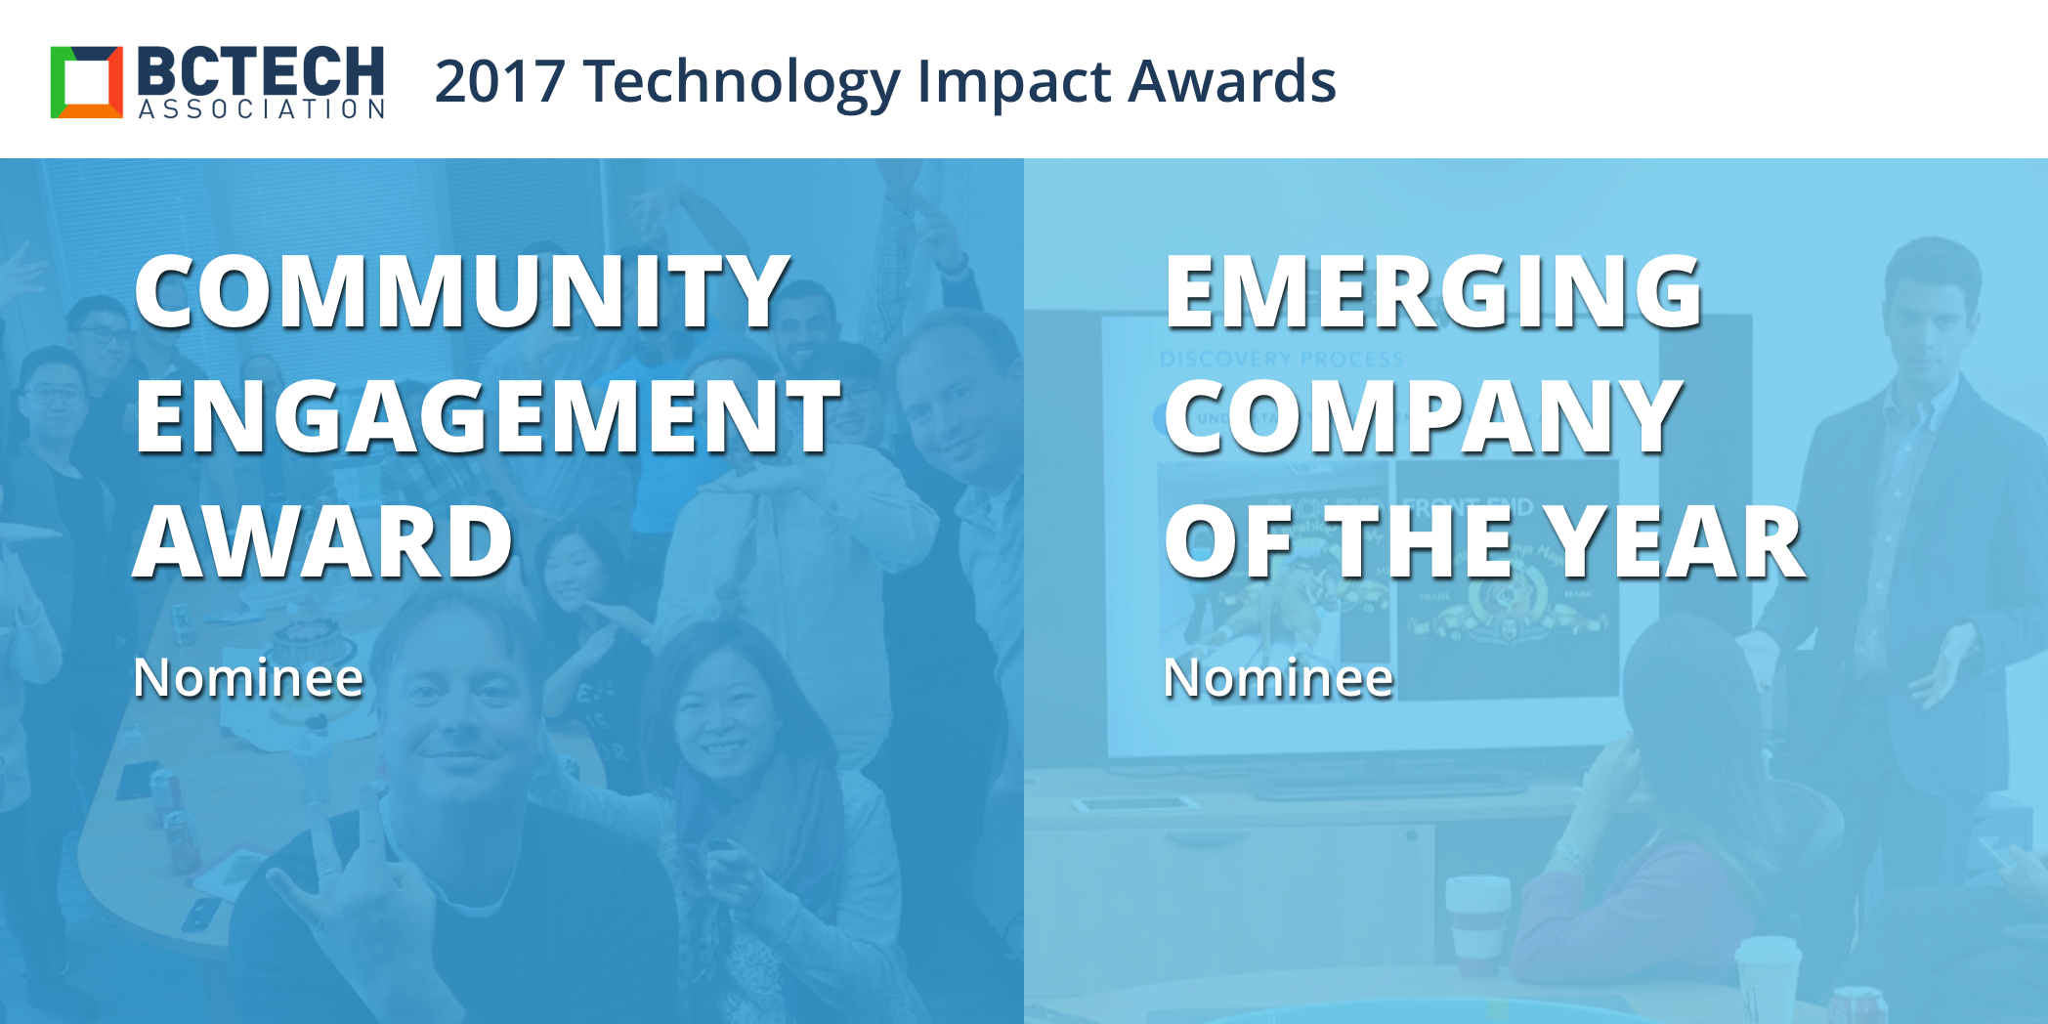 Technology Impact Awards 2017